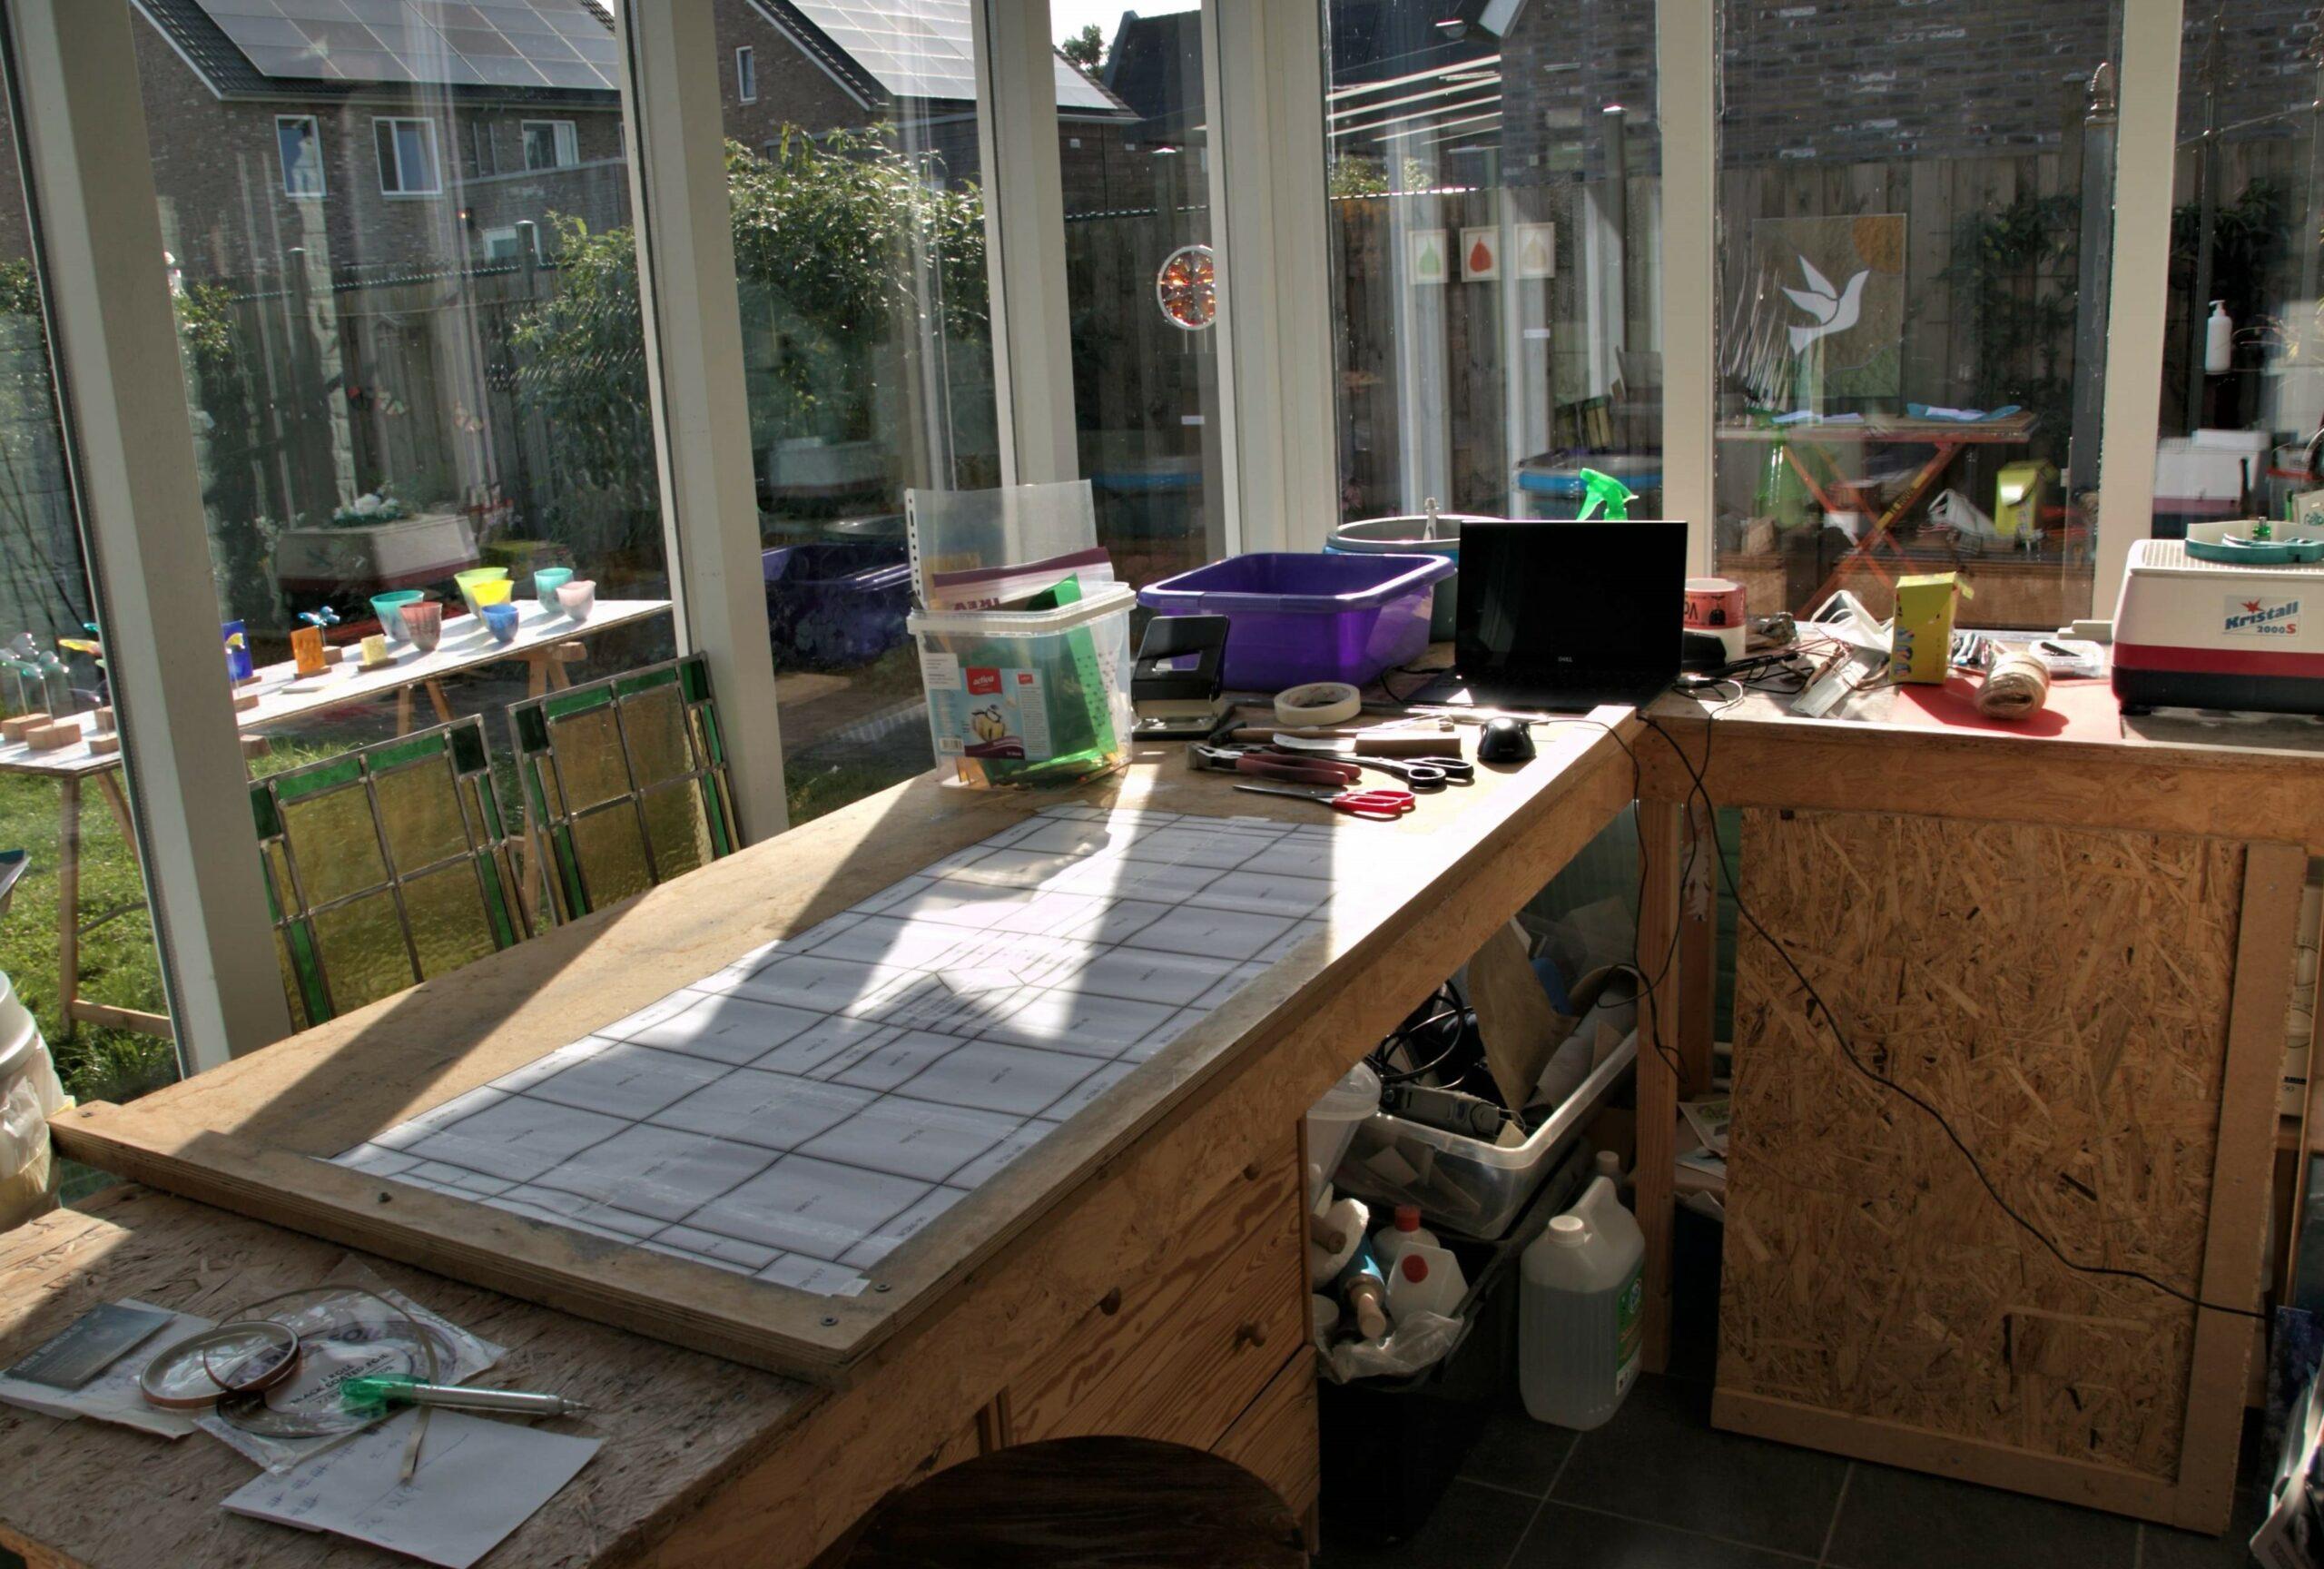 atelier aan huis, NENS Glaskunst